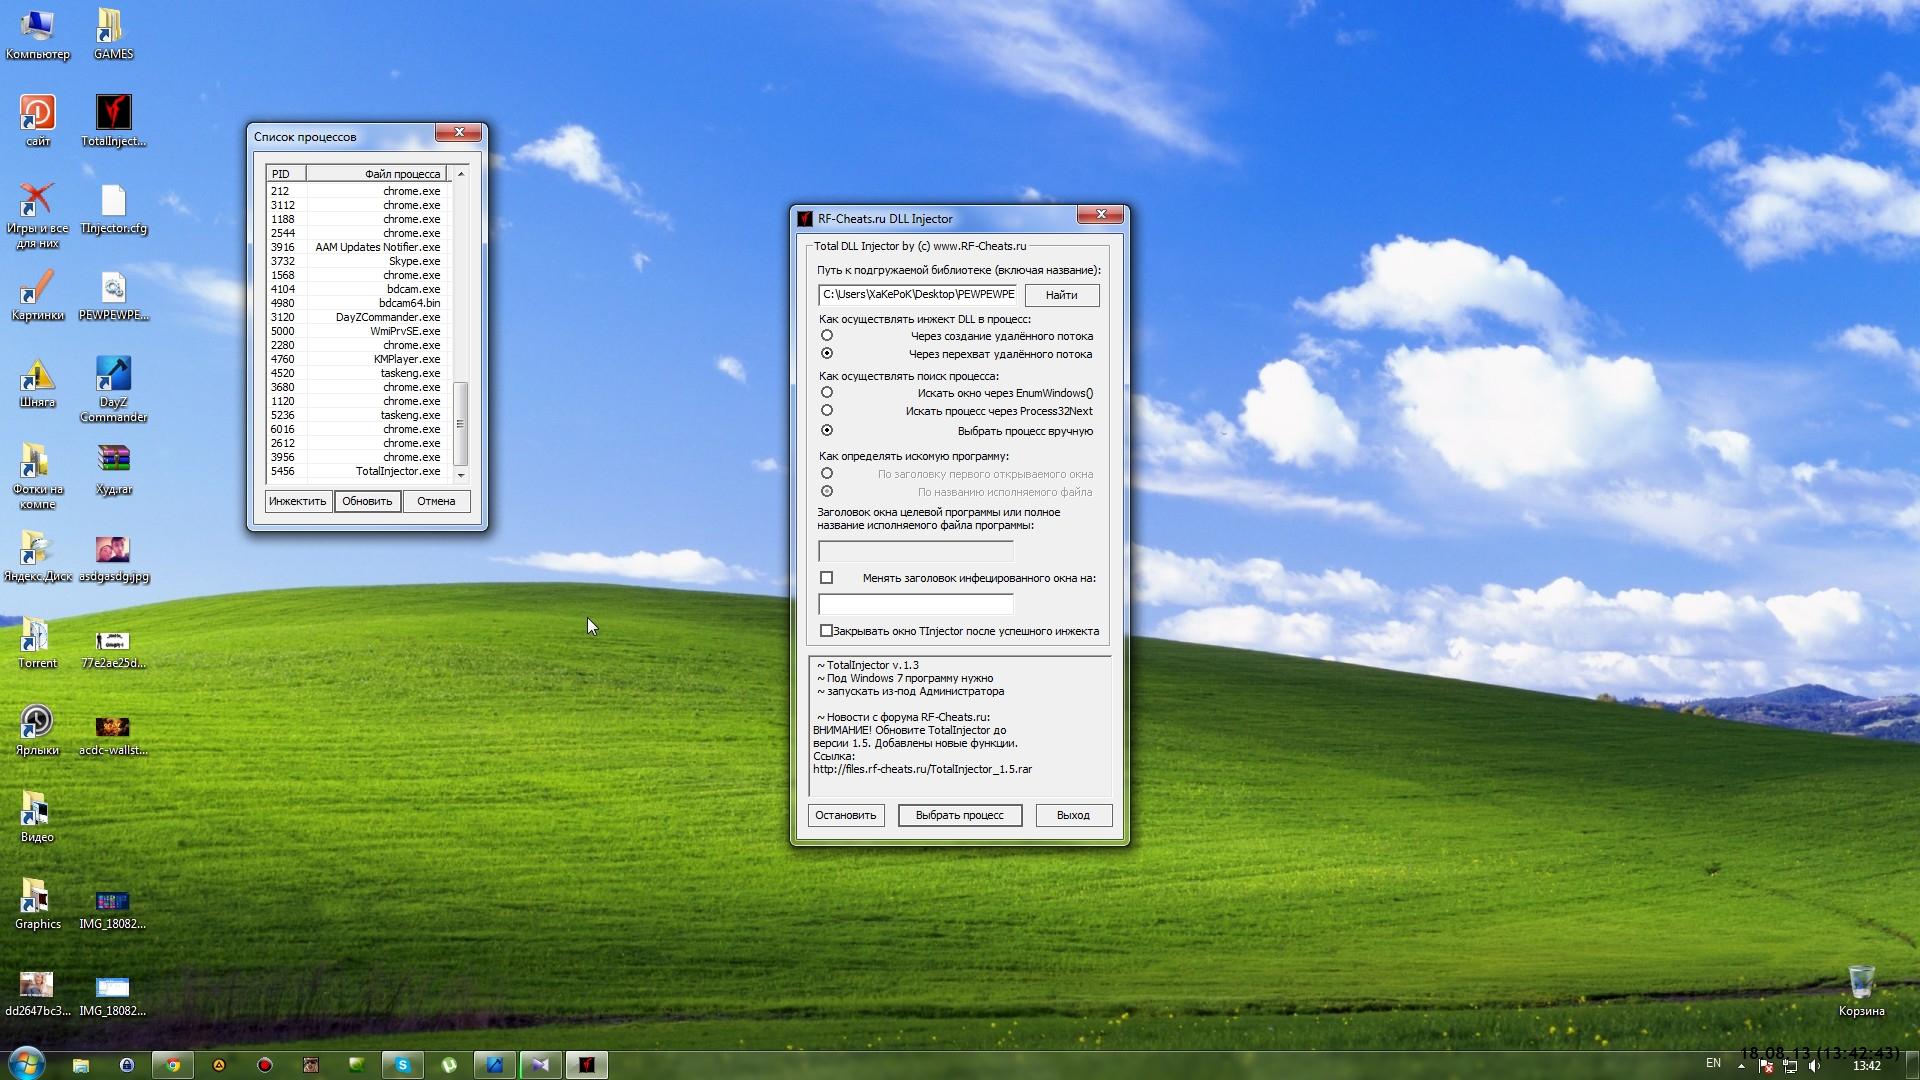 Как сделать скрин на компьютере и где он сохранится